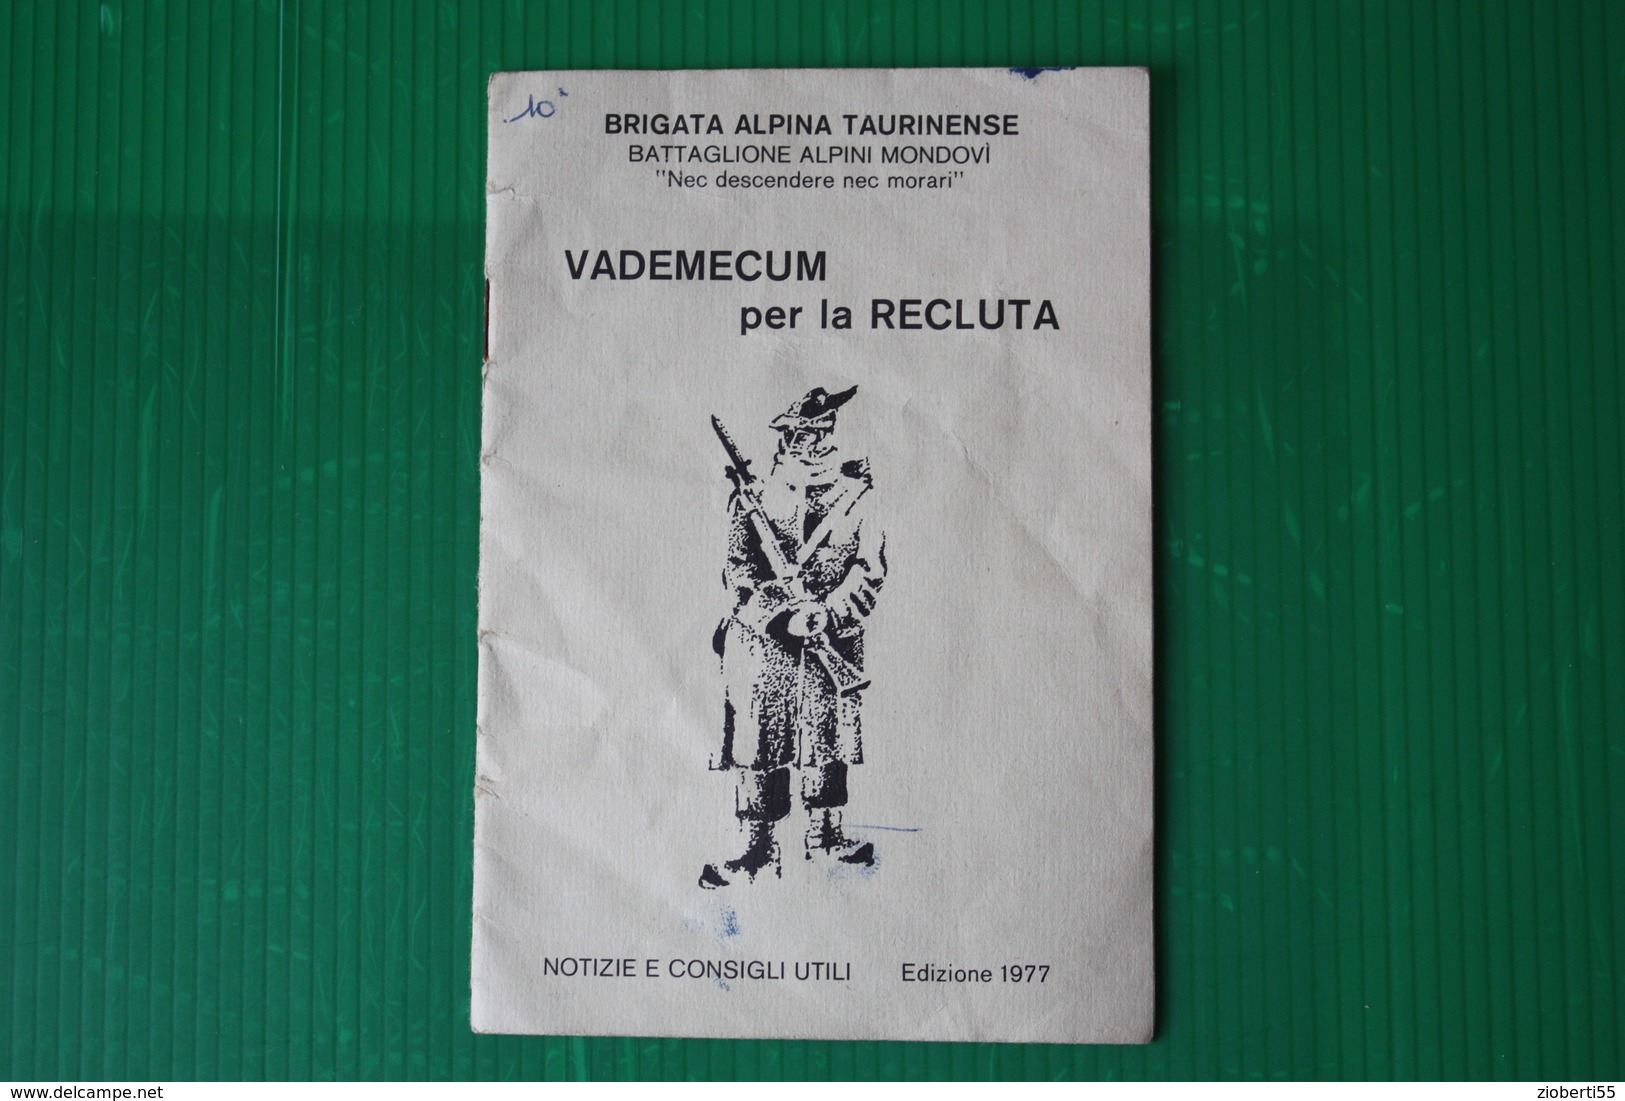 BTA ALPINA TAURINENSE - BTG. MONDOVI - VADEMECUM PER LA RECLUTA - 1977 - Libri, Riviste & Cataloghi